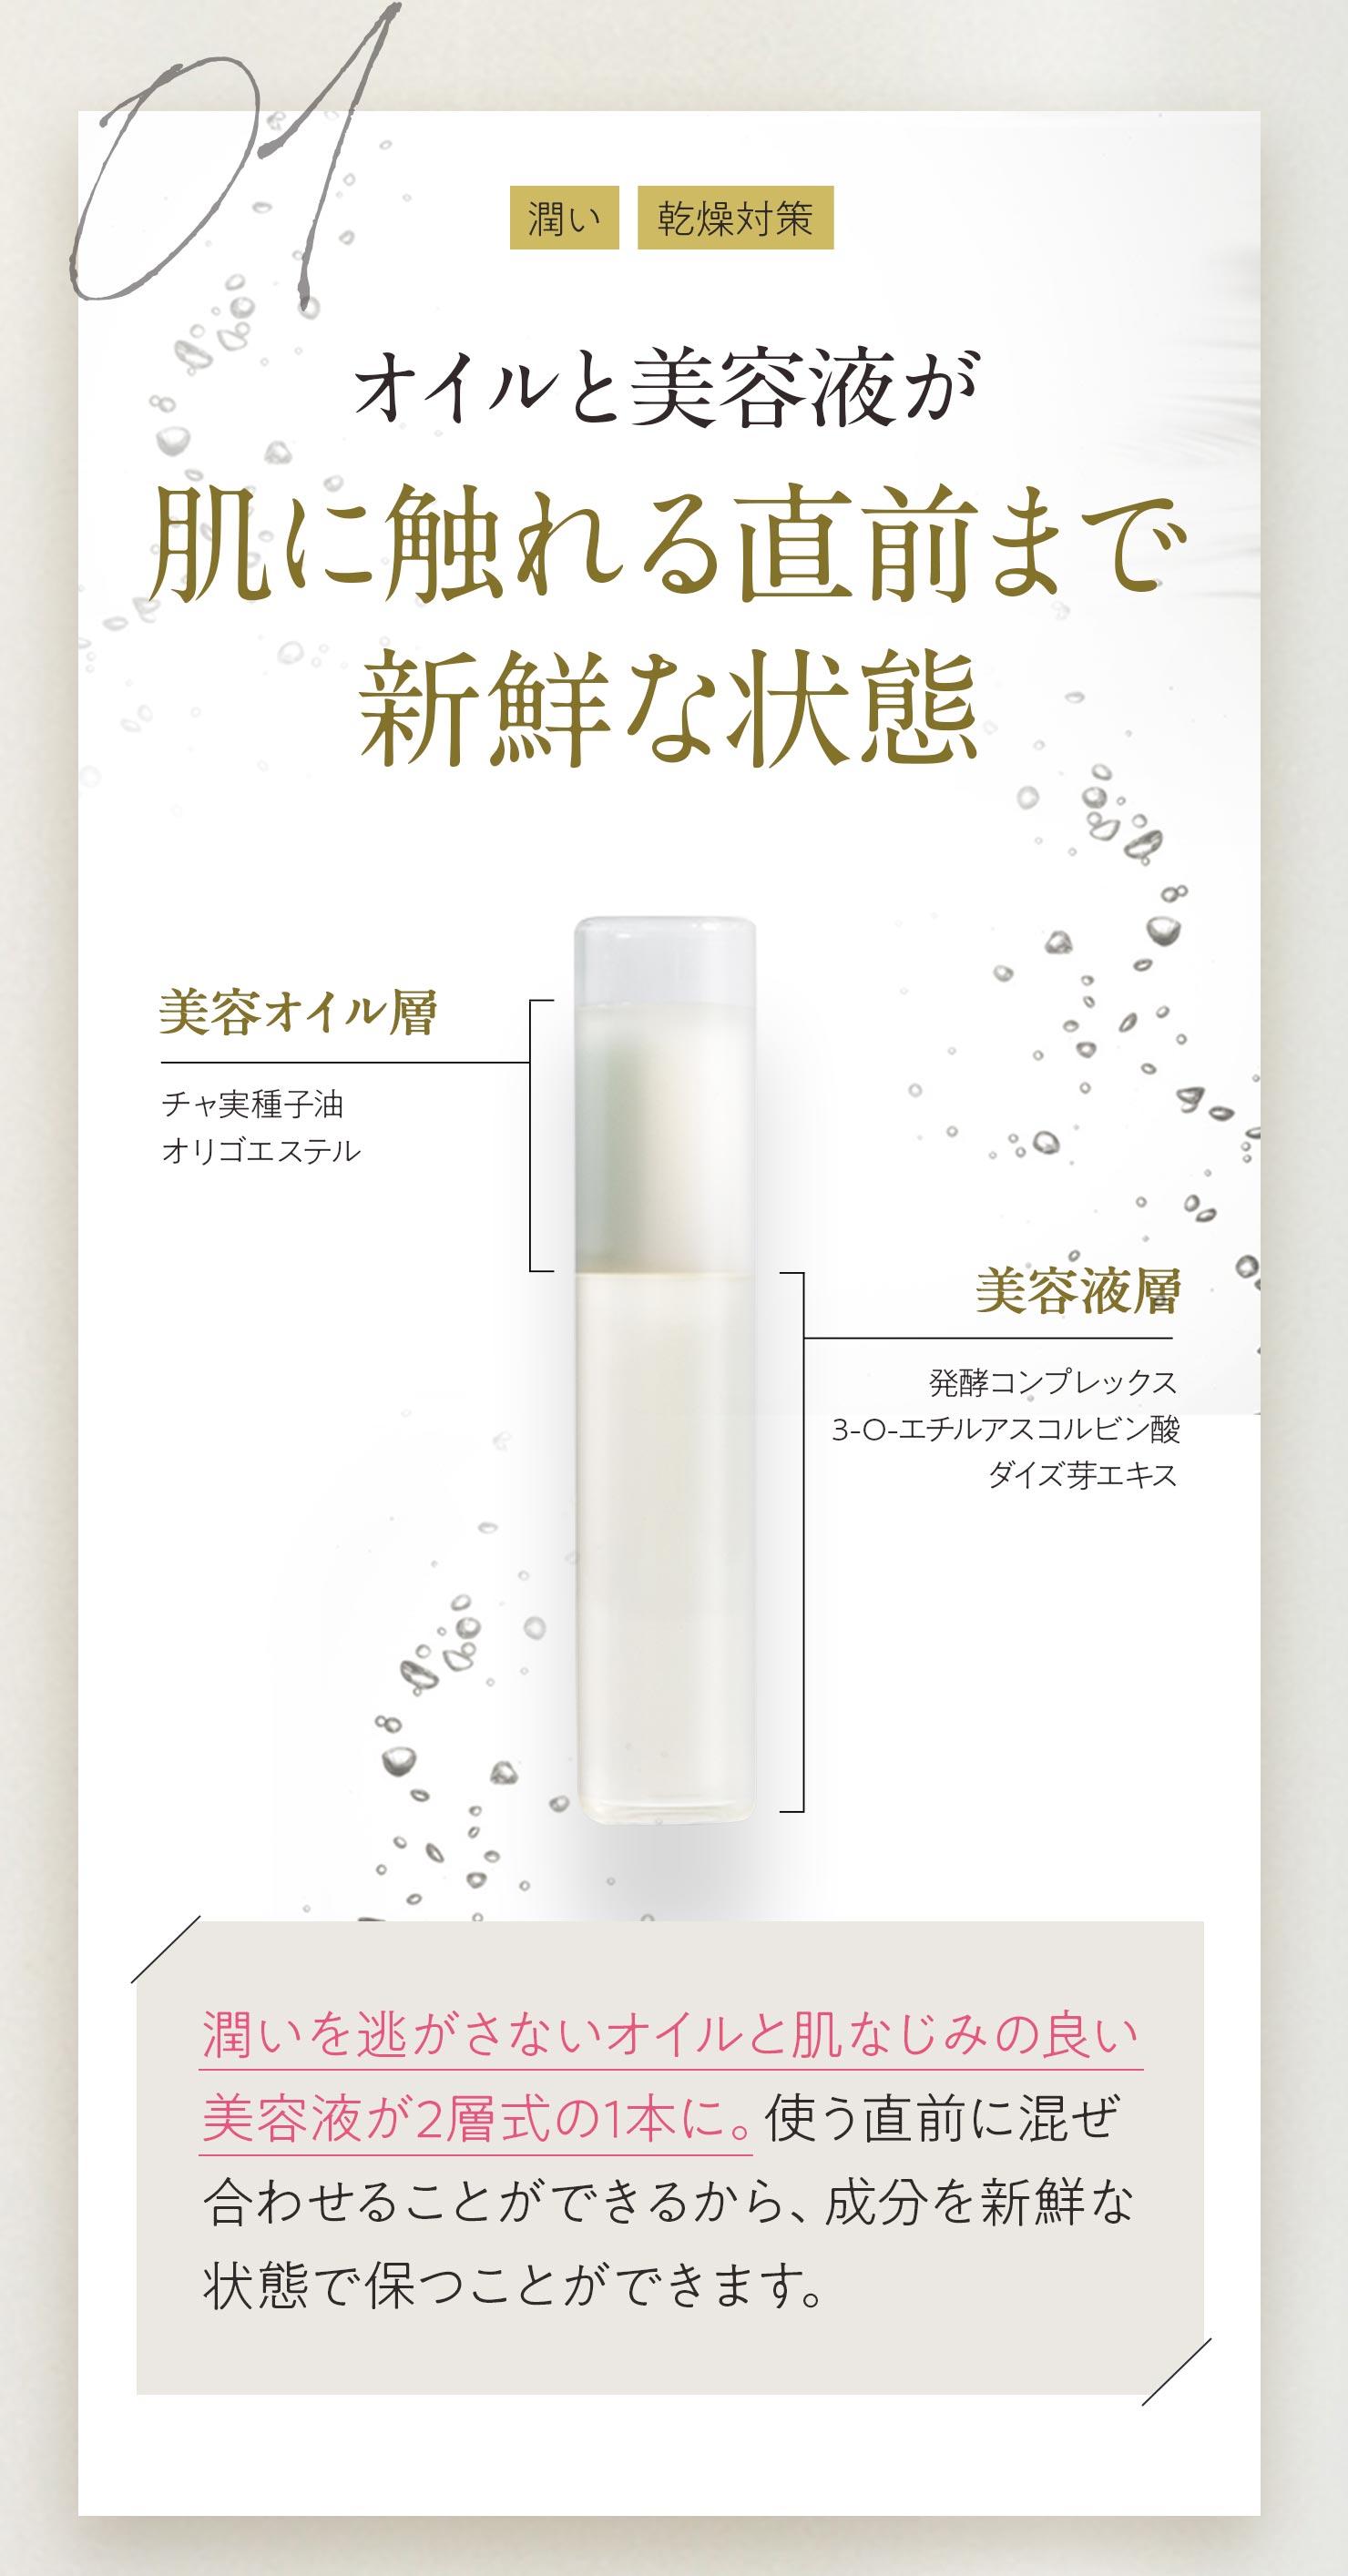 01[潤い][乾燥対策]オイルと美容液が肌に触れる直前まで新鮮な状態 美容オイル層|チャ実種子油オリゴエステル 美容液層|発酵コンプレックス3-O-エチルアスコルビン酸ダイズ芽エキス 潤いを逃がさないオイルと肌なじみの良い美容液が2層式の1本に。使う直前に混ぜ合わせることができるから、成分を新鮮な状態で保つことができます。